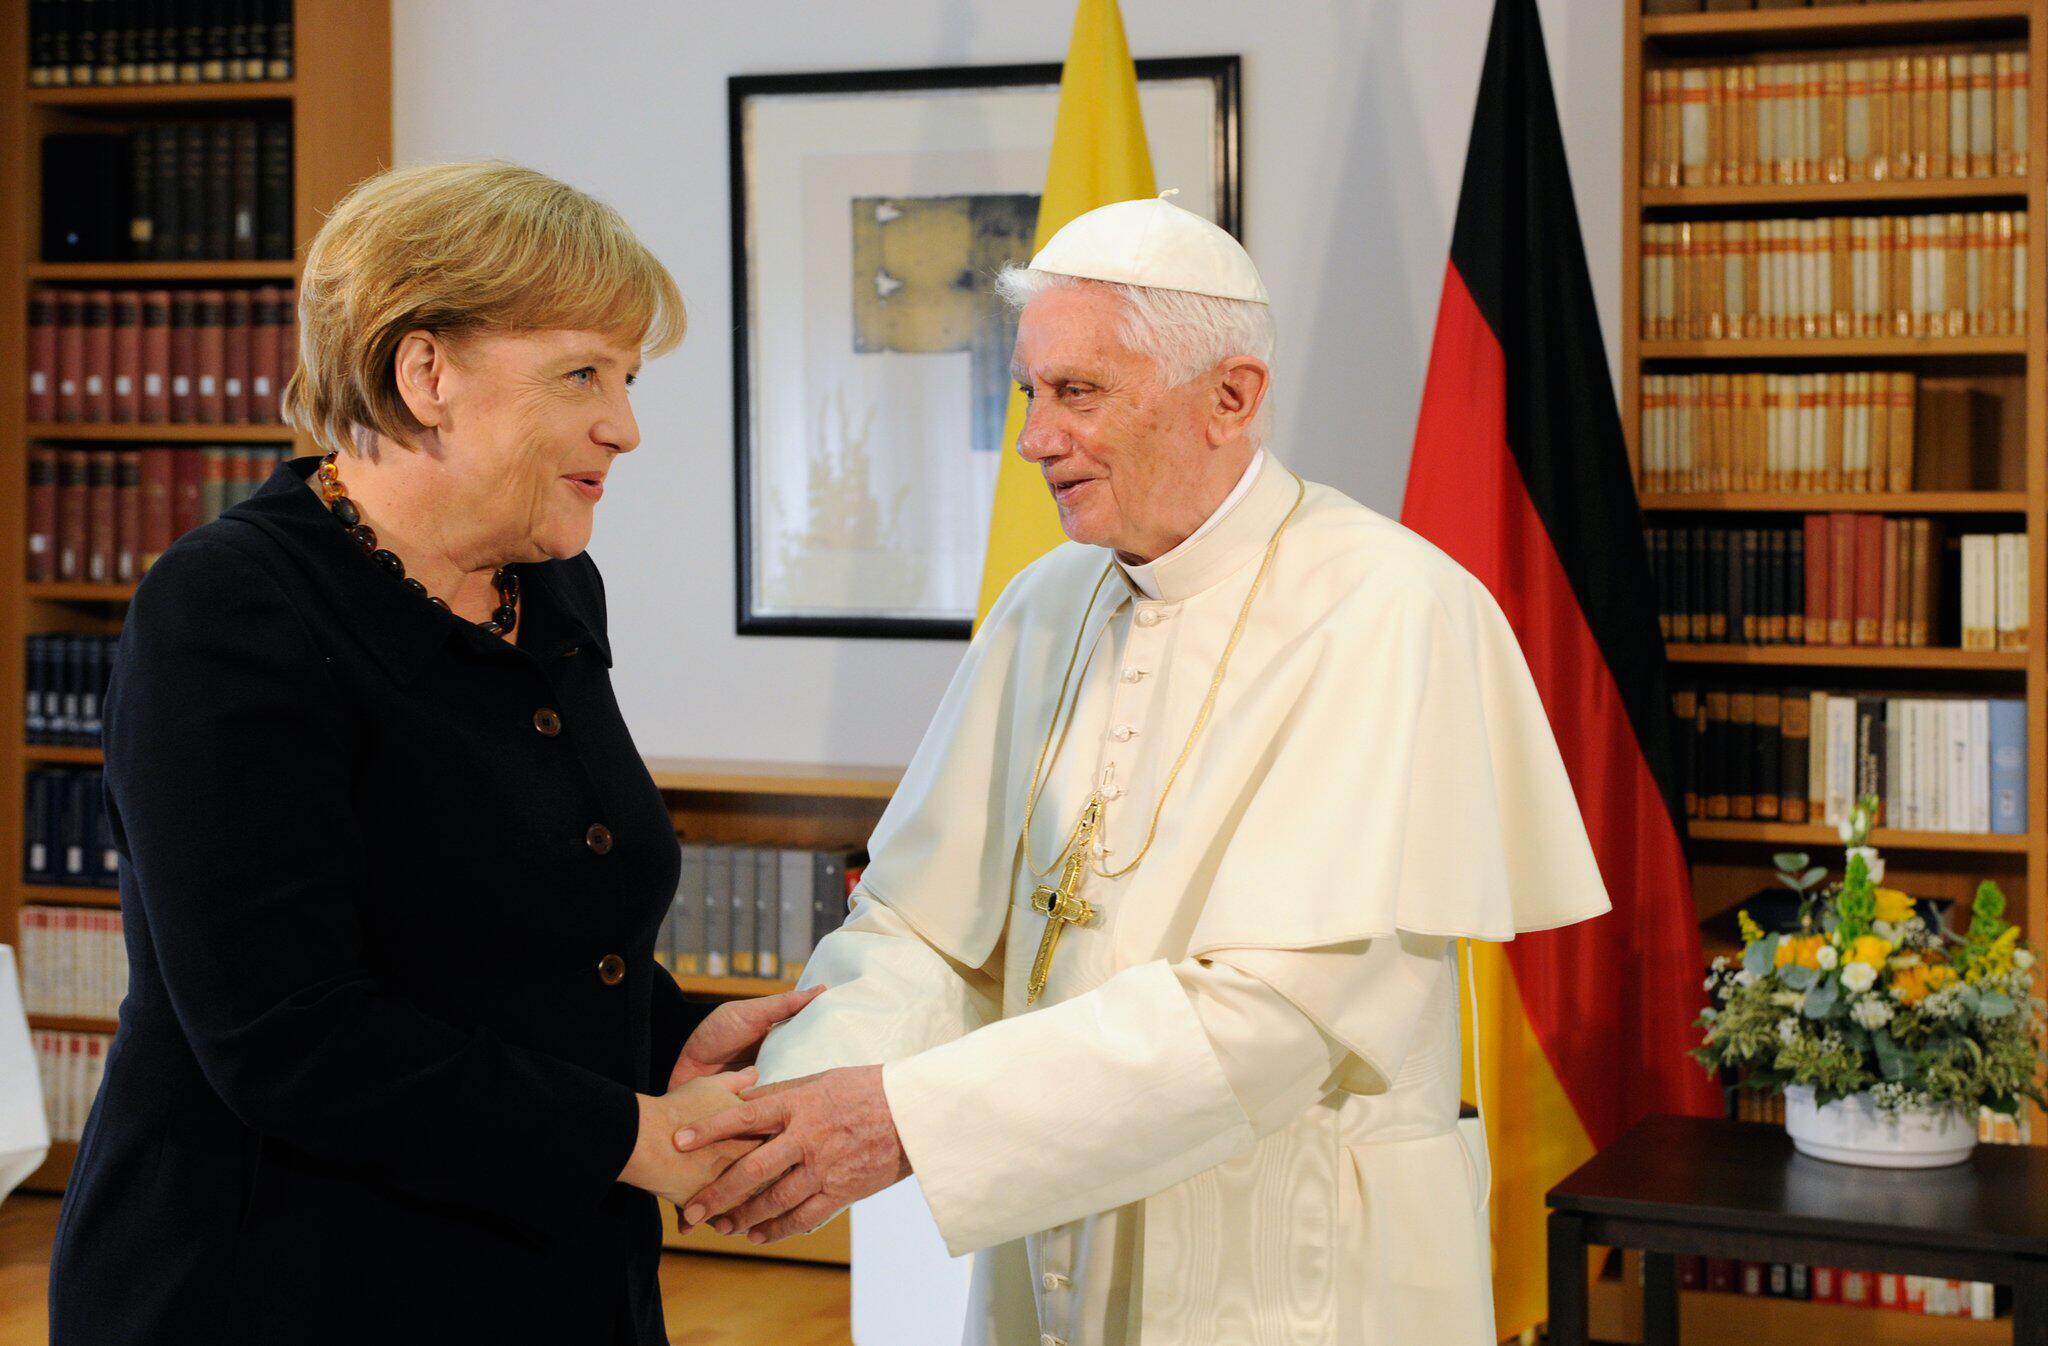 Bild zu Papst Benedikt, Angela Merkel